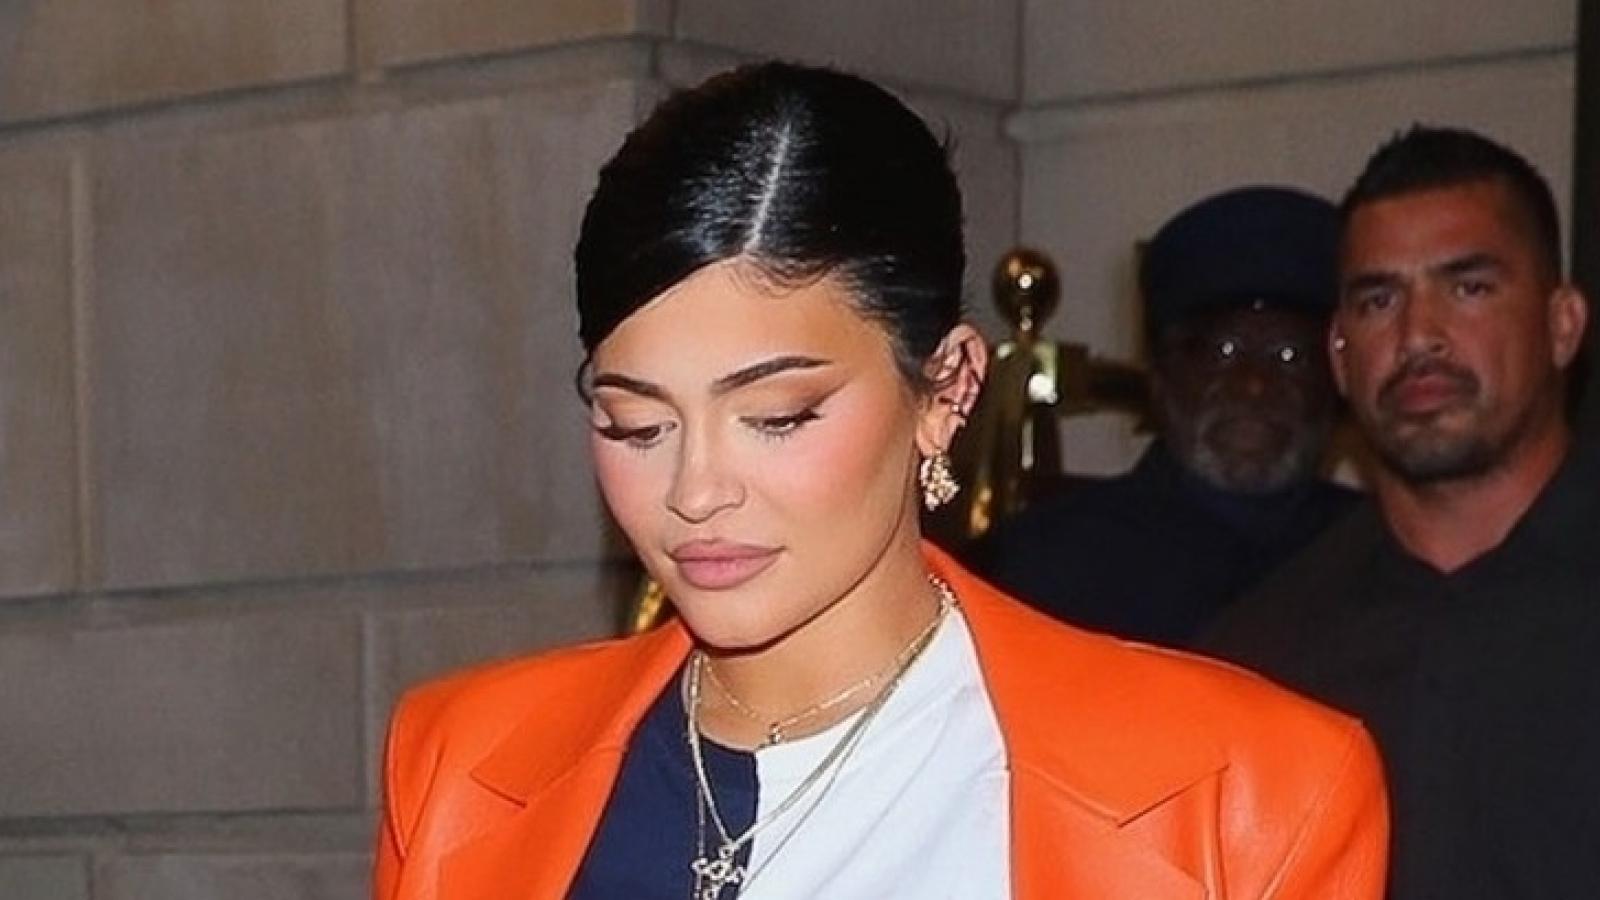 Kylie Jenner phối đồ sành điệu, khoe bụng bầu tại Tuần lễ thời trang New York